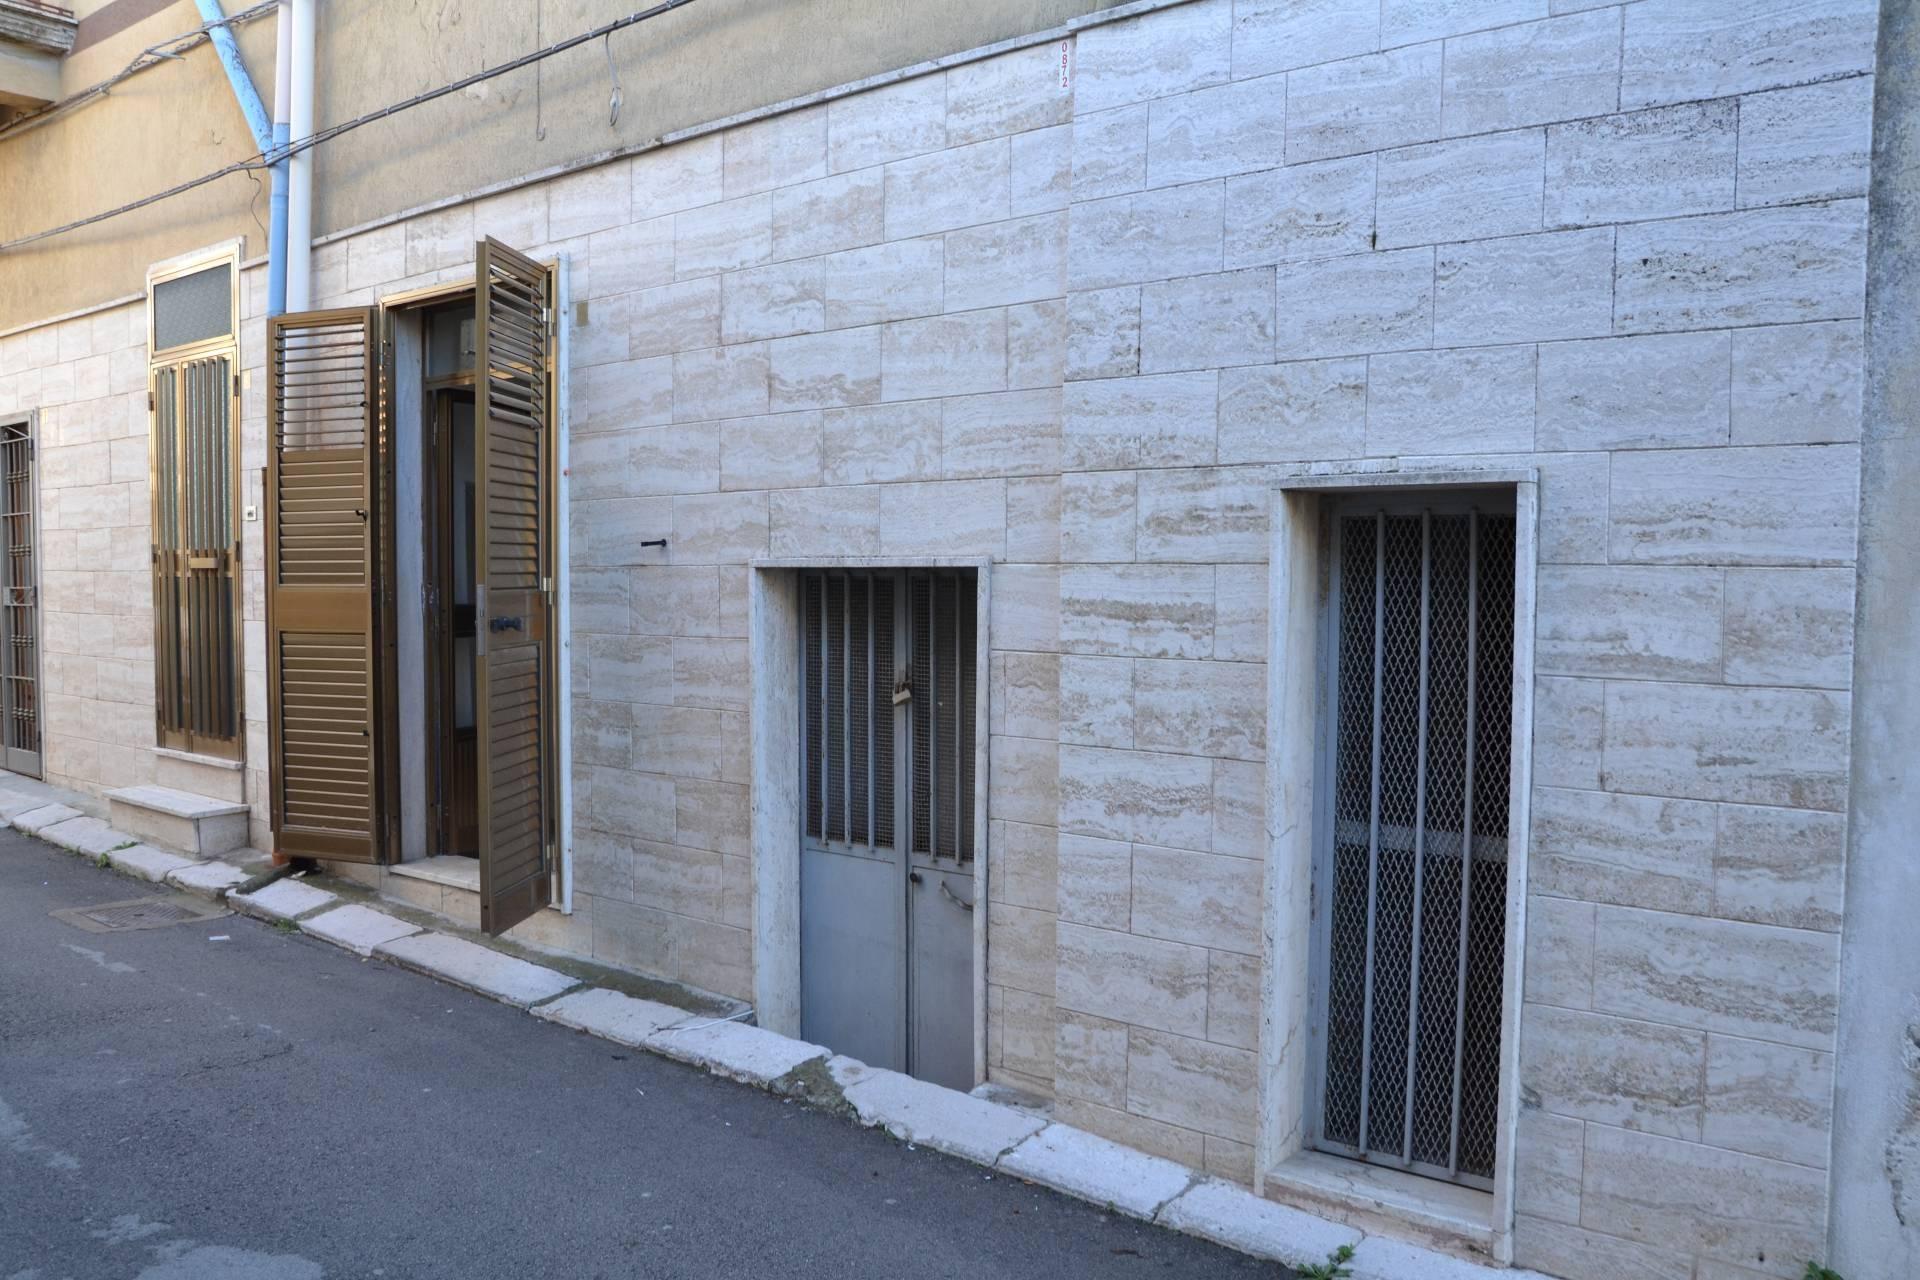 Appartamenti in vendita a canosa di puglia cerca con - Piano casa puglia 2018 ...